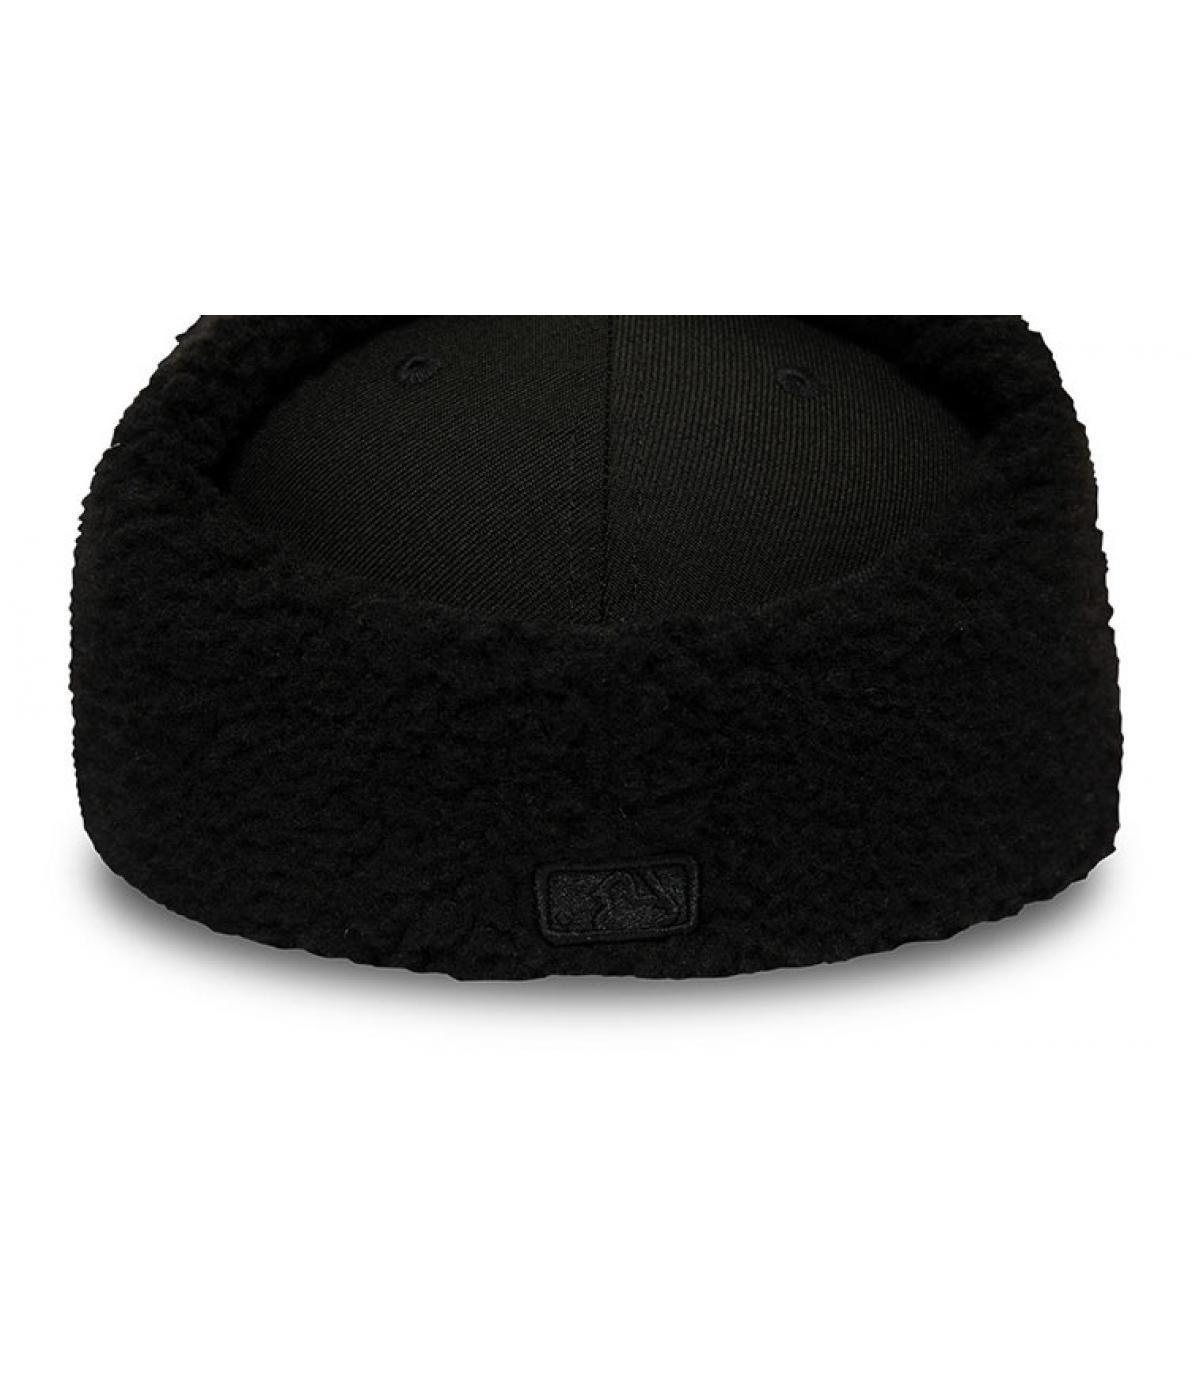 Détails Casquette League Ess Dogear NY 5950 black black - image 4